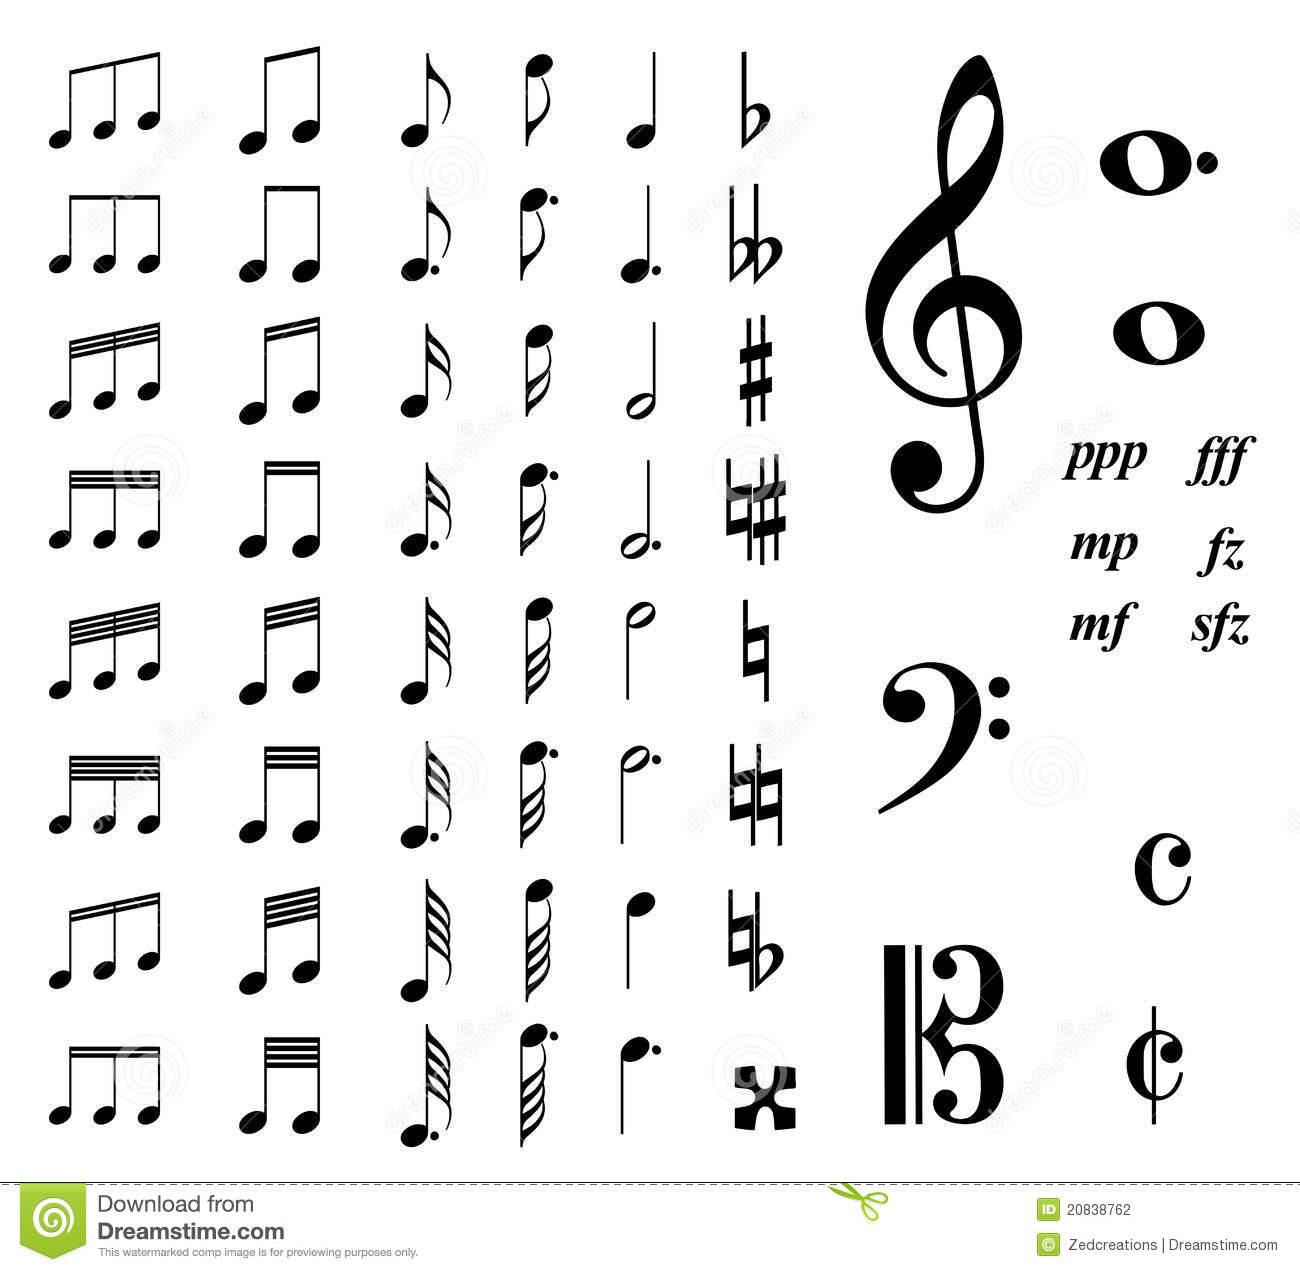 Free-Punjabi-Music-Download-Bollywood-Videos-Movies-Ringtones-SMS-Shayari-Many-More-wallpaper-wp580965